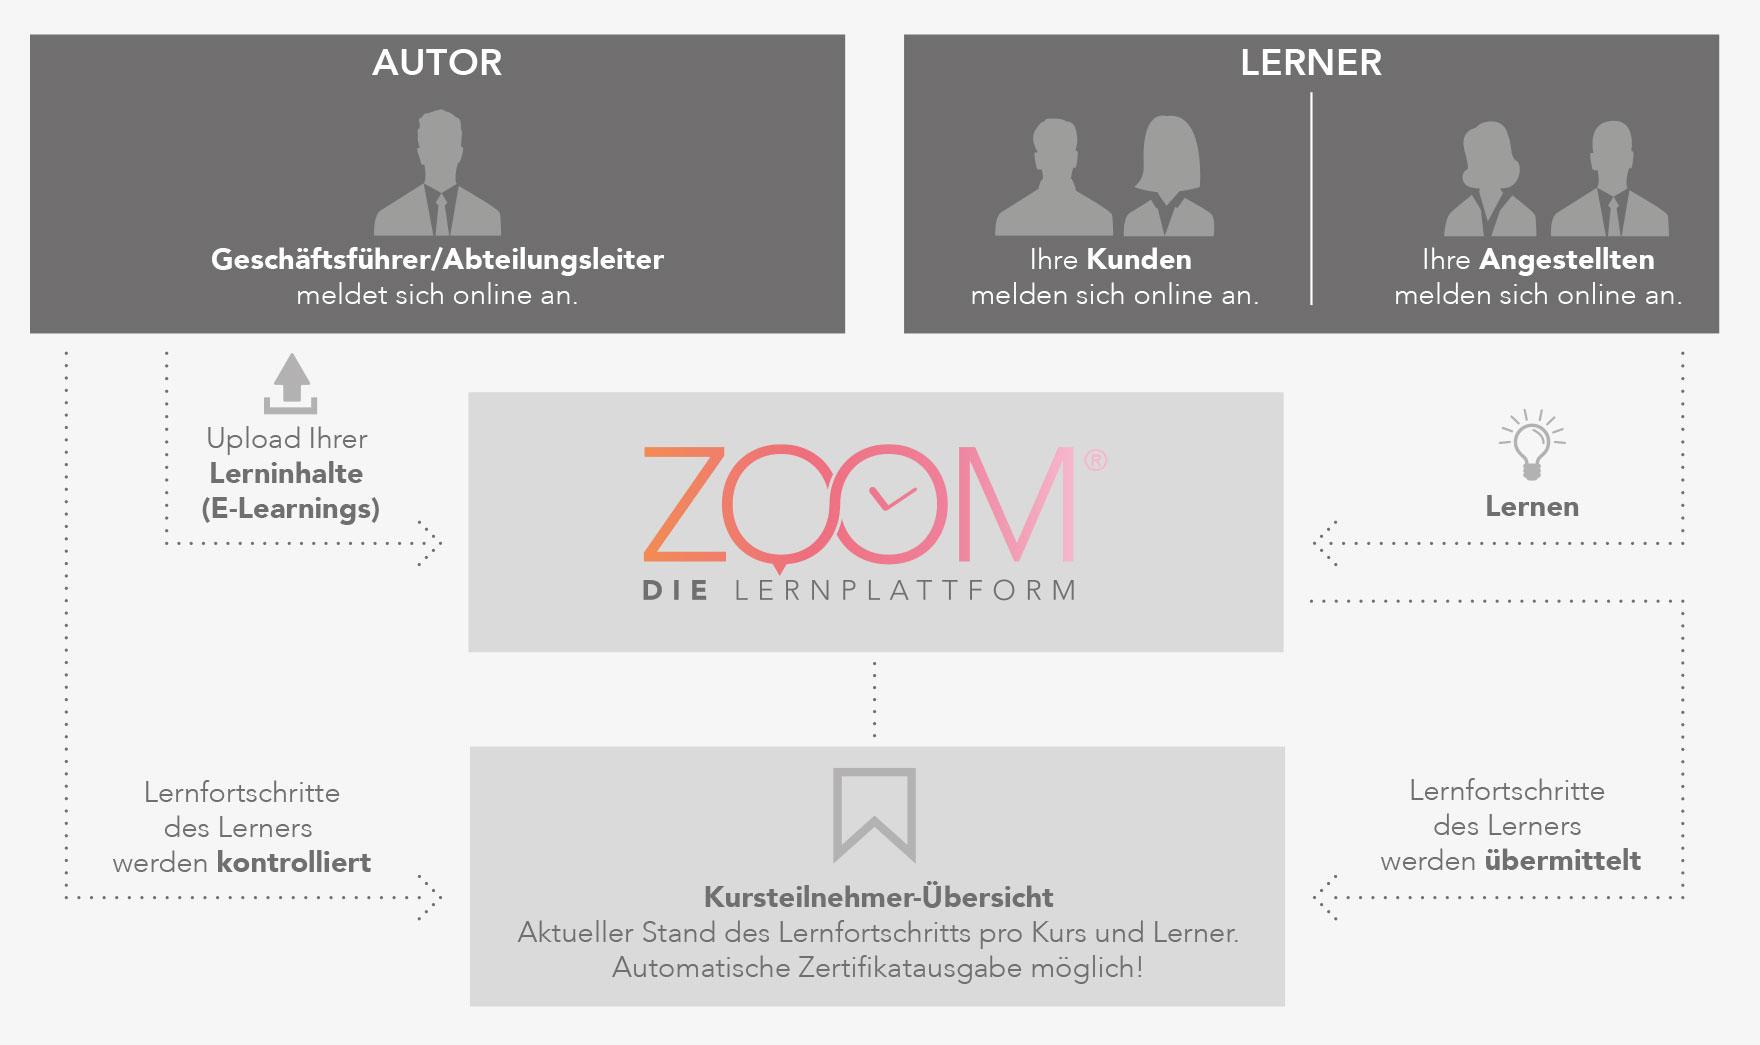 Zoom- Infografik - Autor Lerner